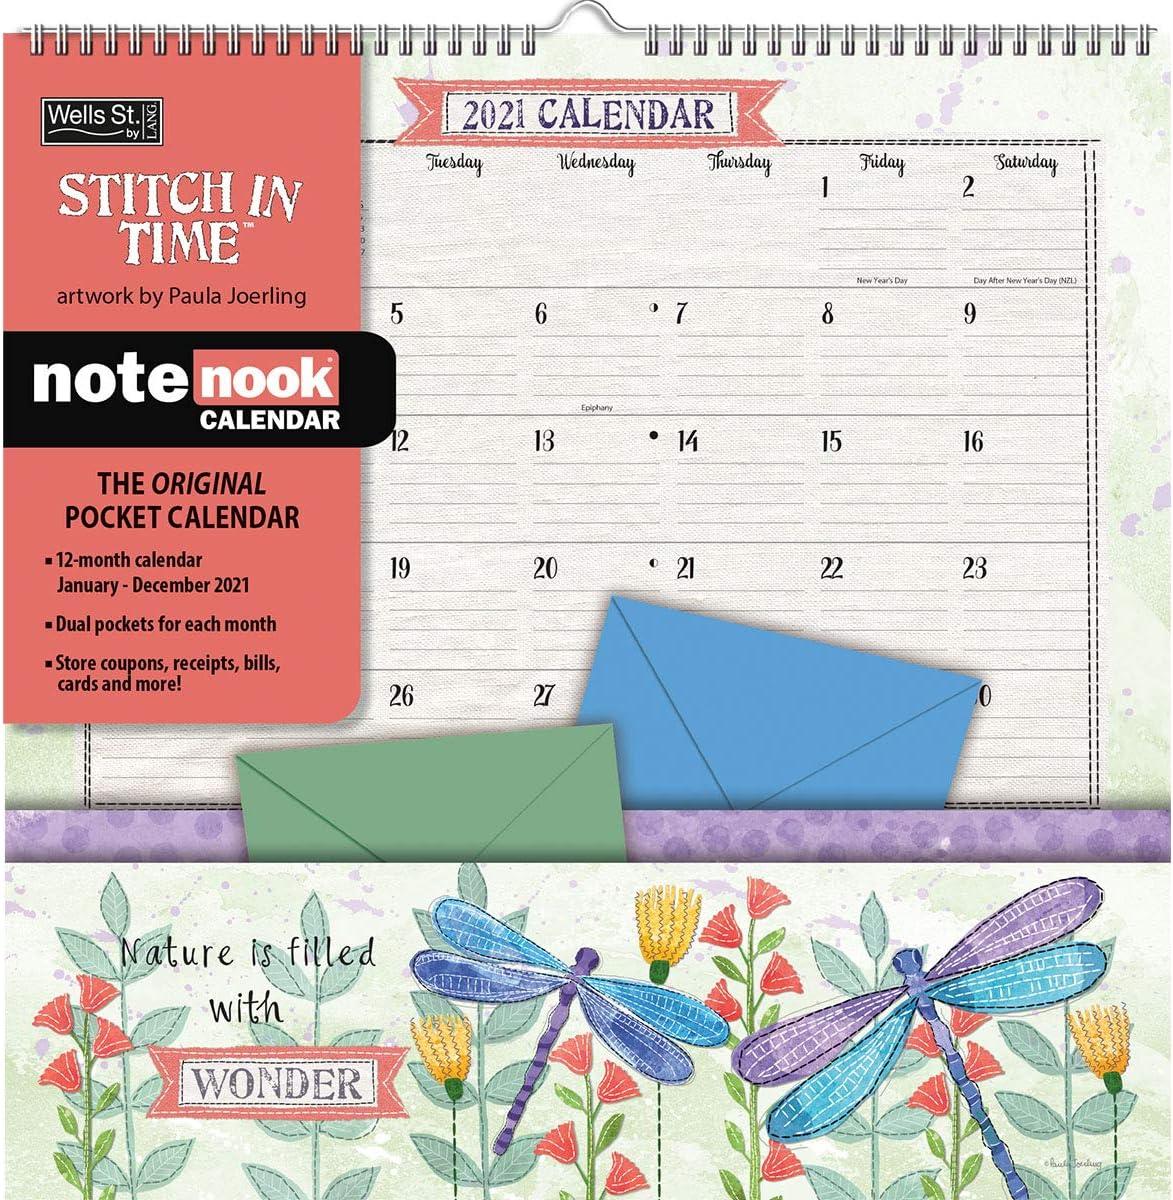 WSBL Stitch in Time 2021 Note Nook (21997007192)